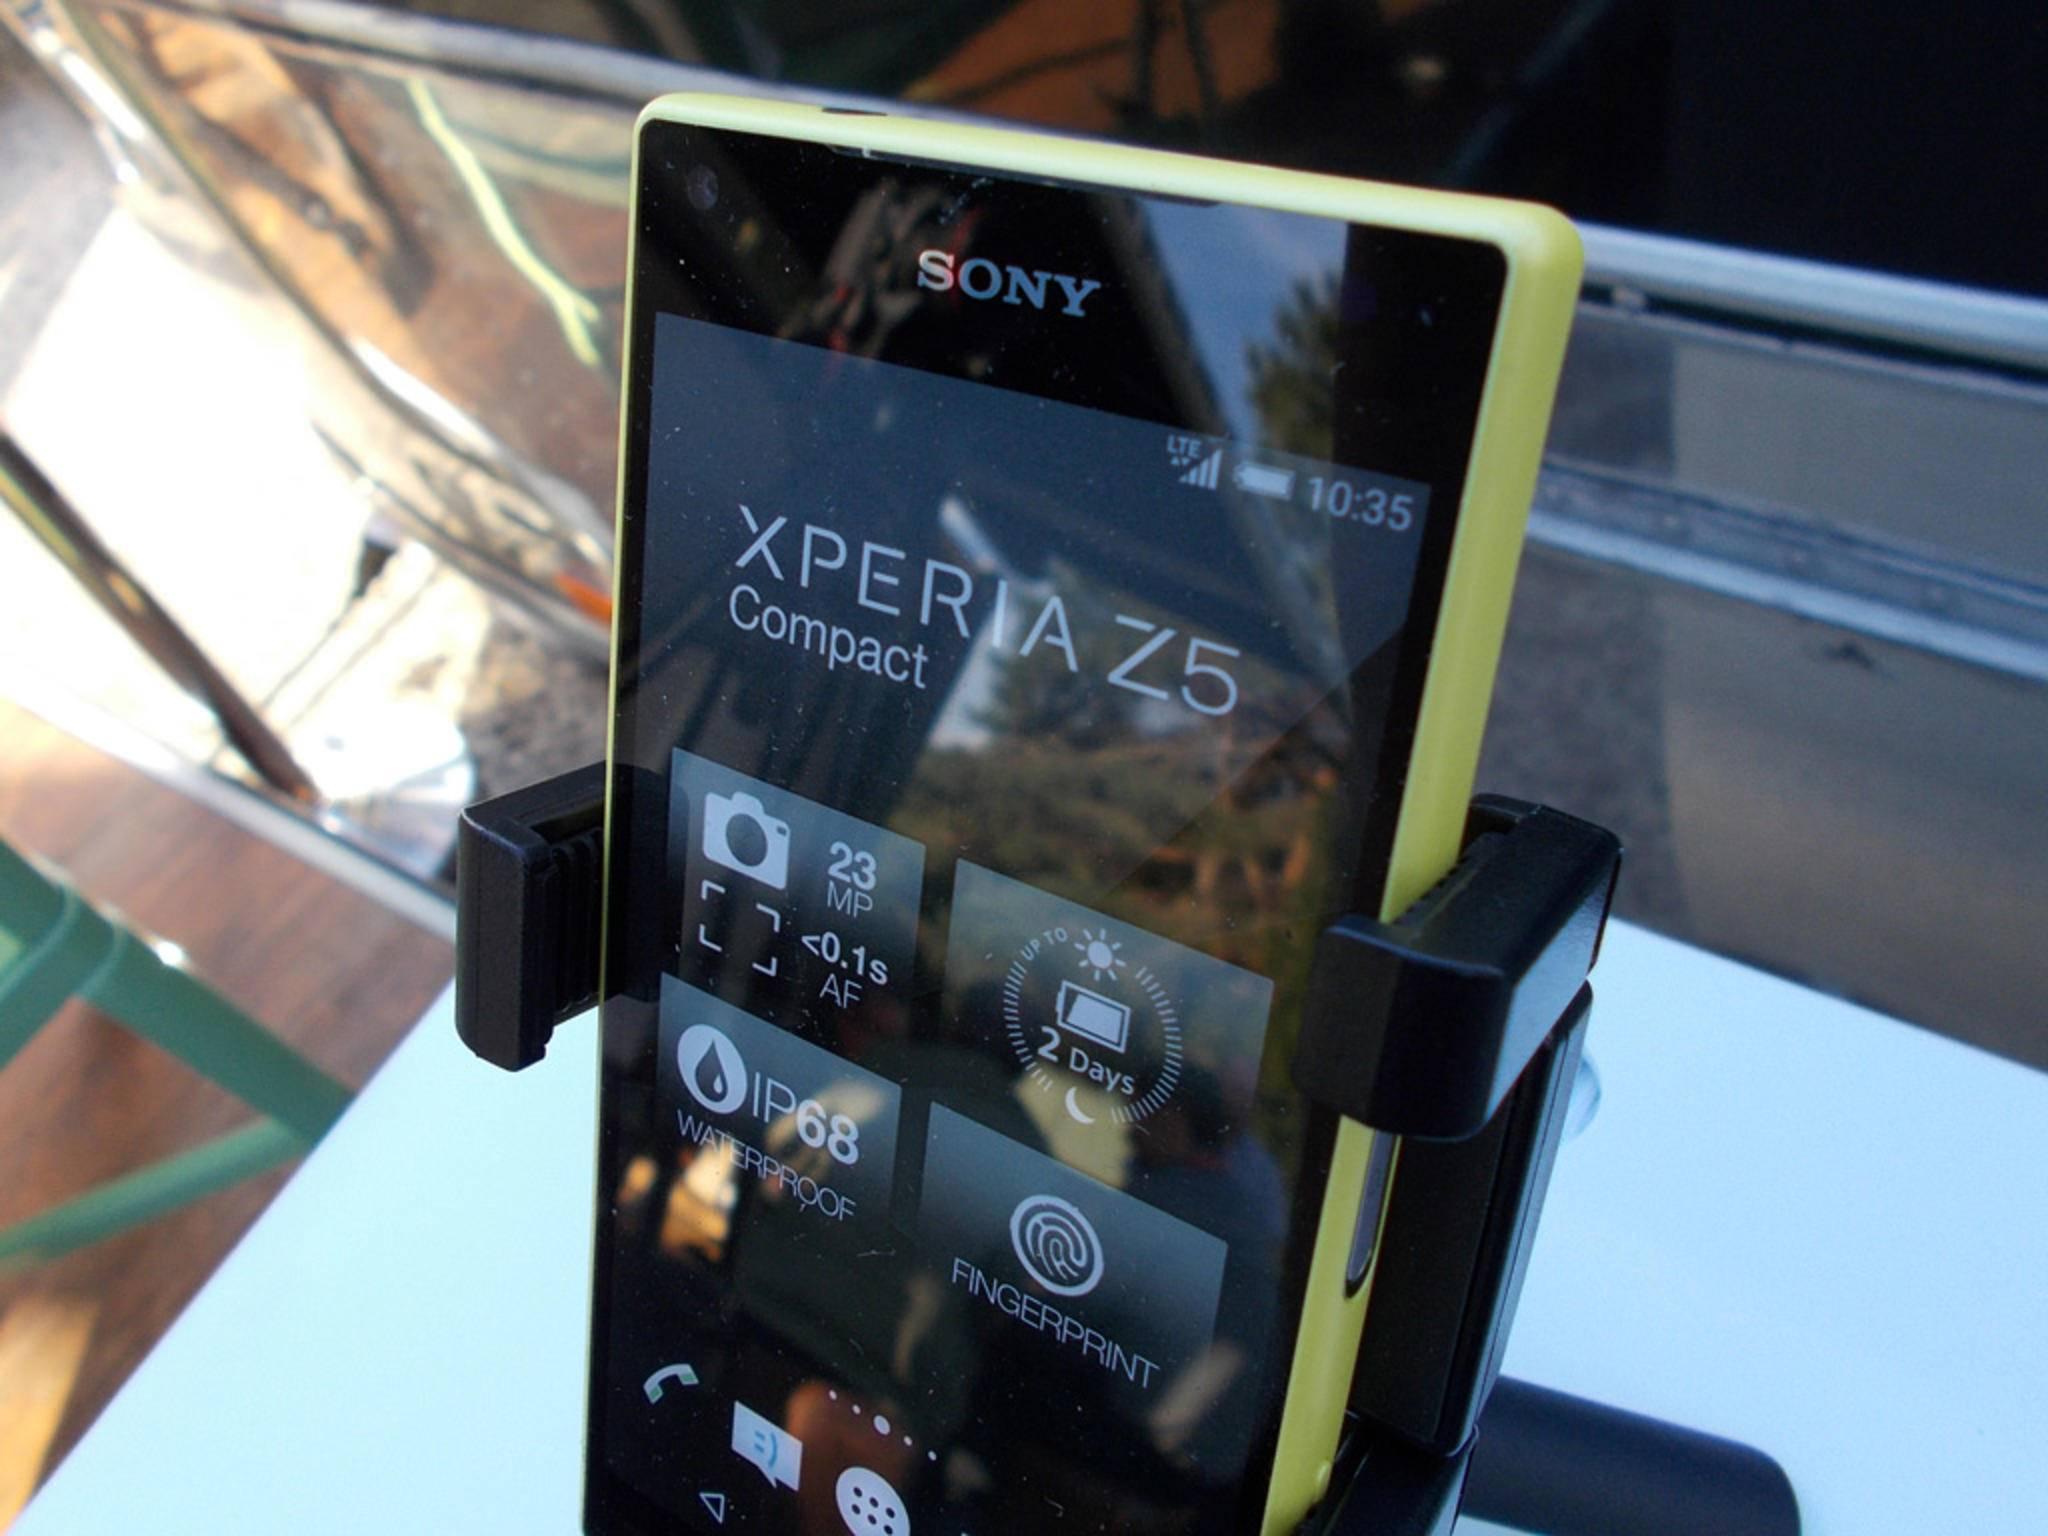 Das Sony Xperia Z5 gilt sicher als eines der Top-Highlights.